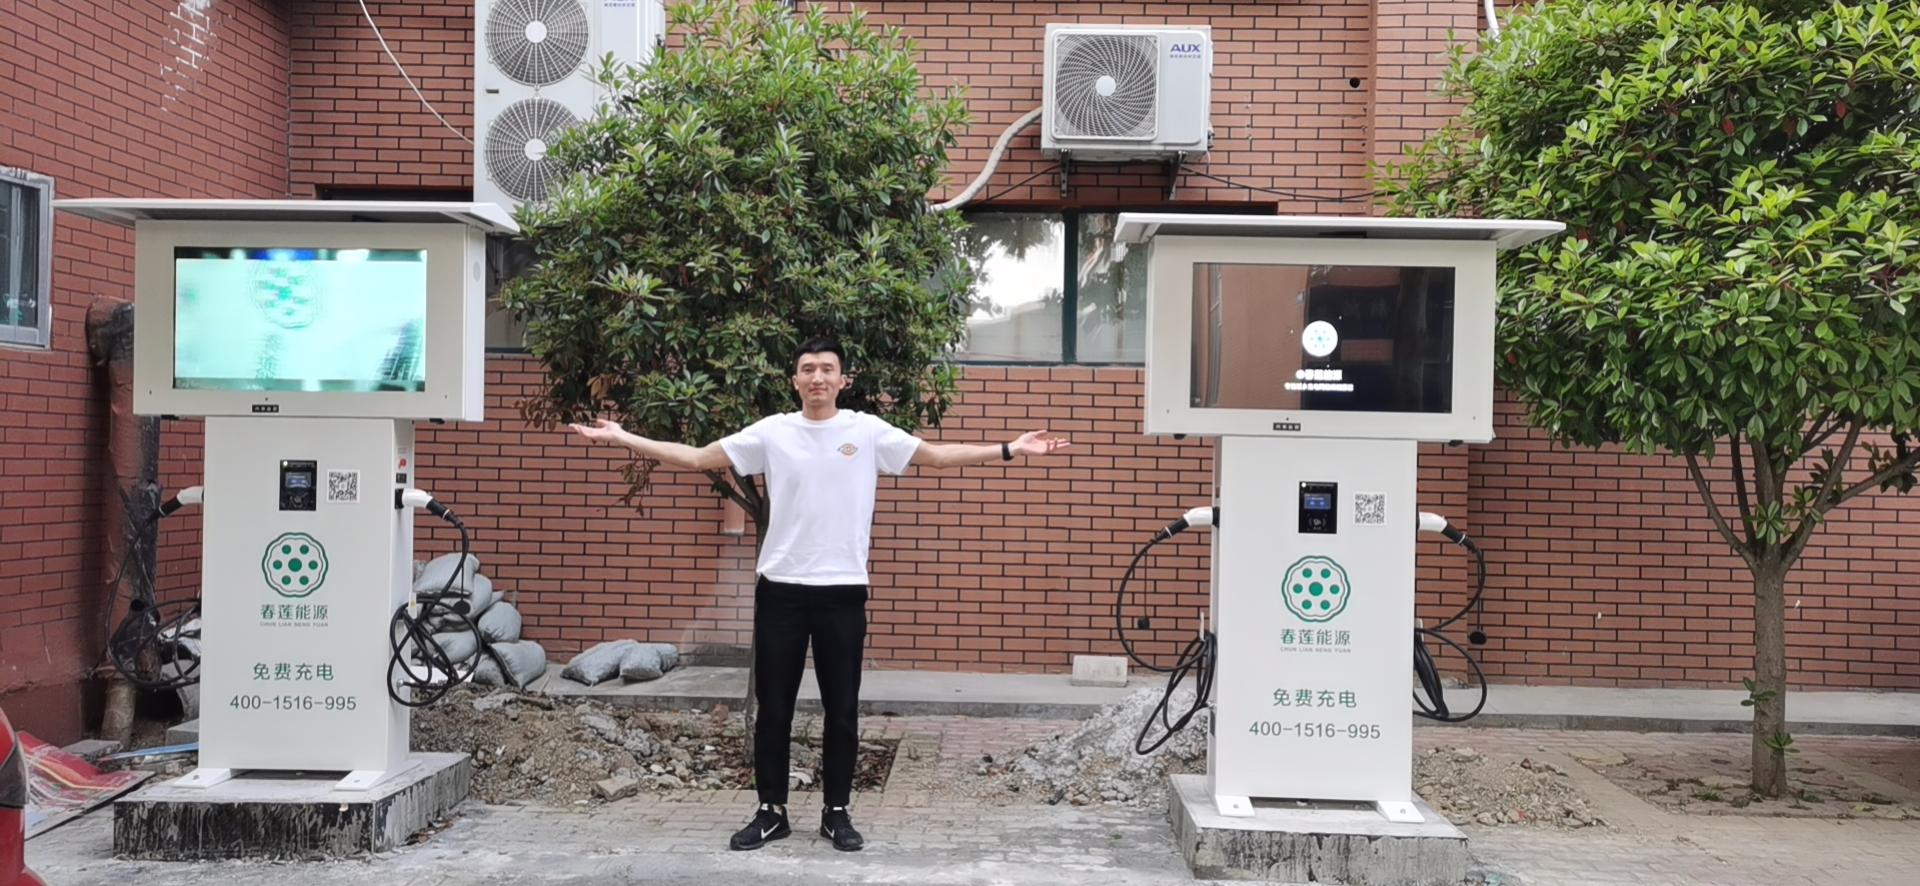 市场进展丨热烈祝贺春莲能源系列充电桩落户山东临沂实验中学!